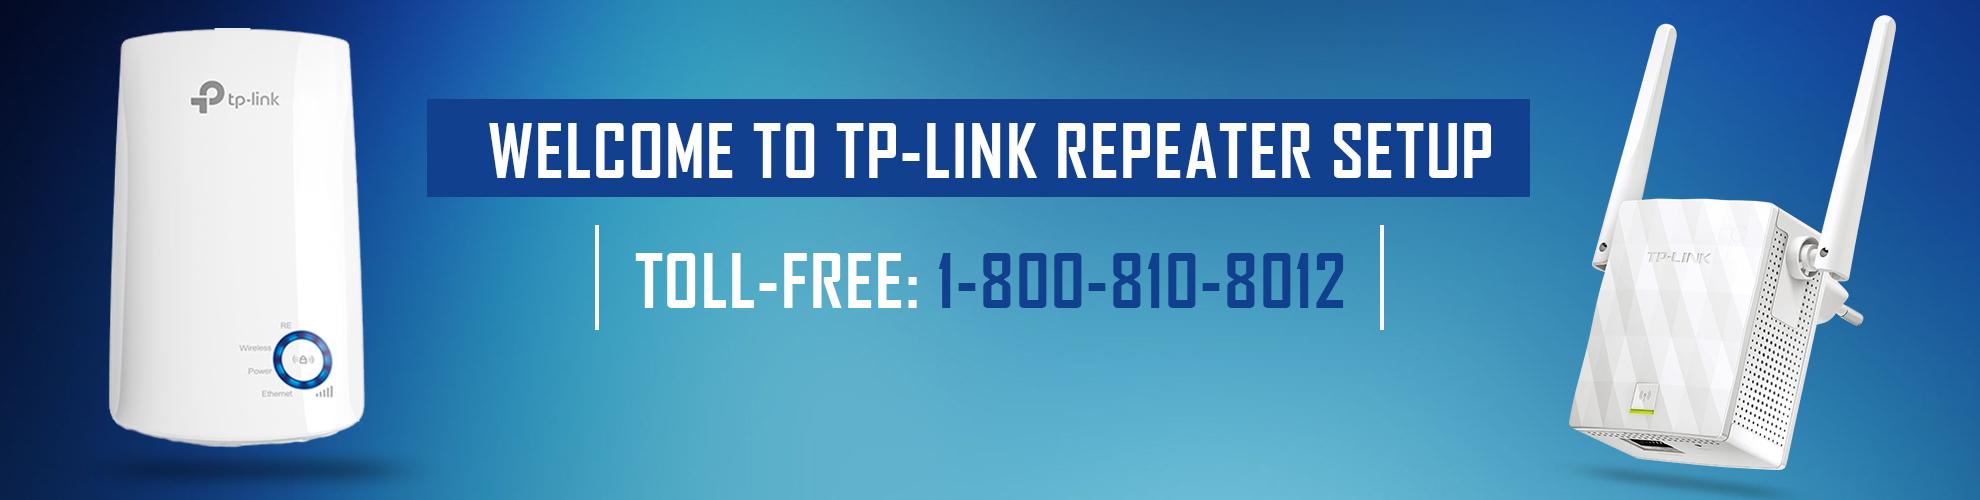 tplink repeater net | 192 168 0 254 | tplin wifi net login